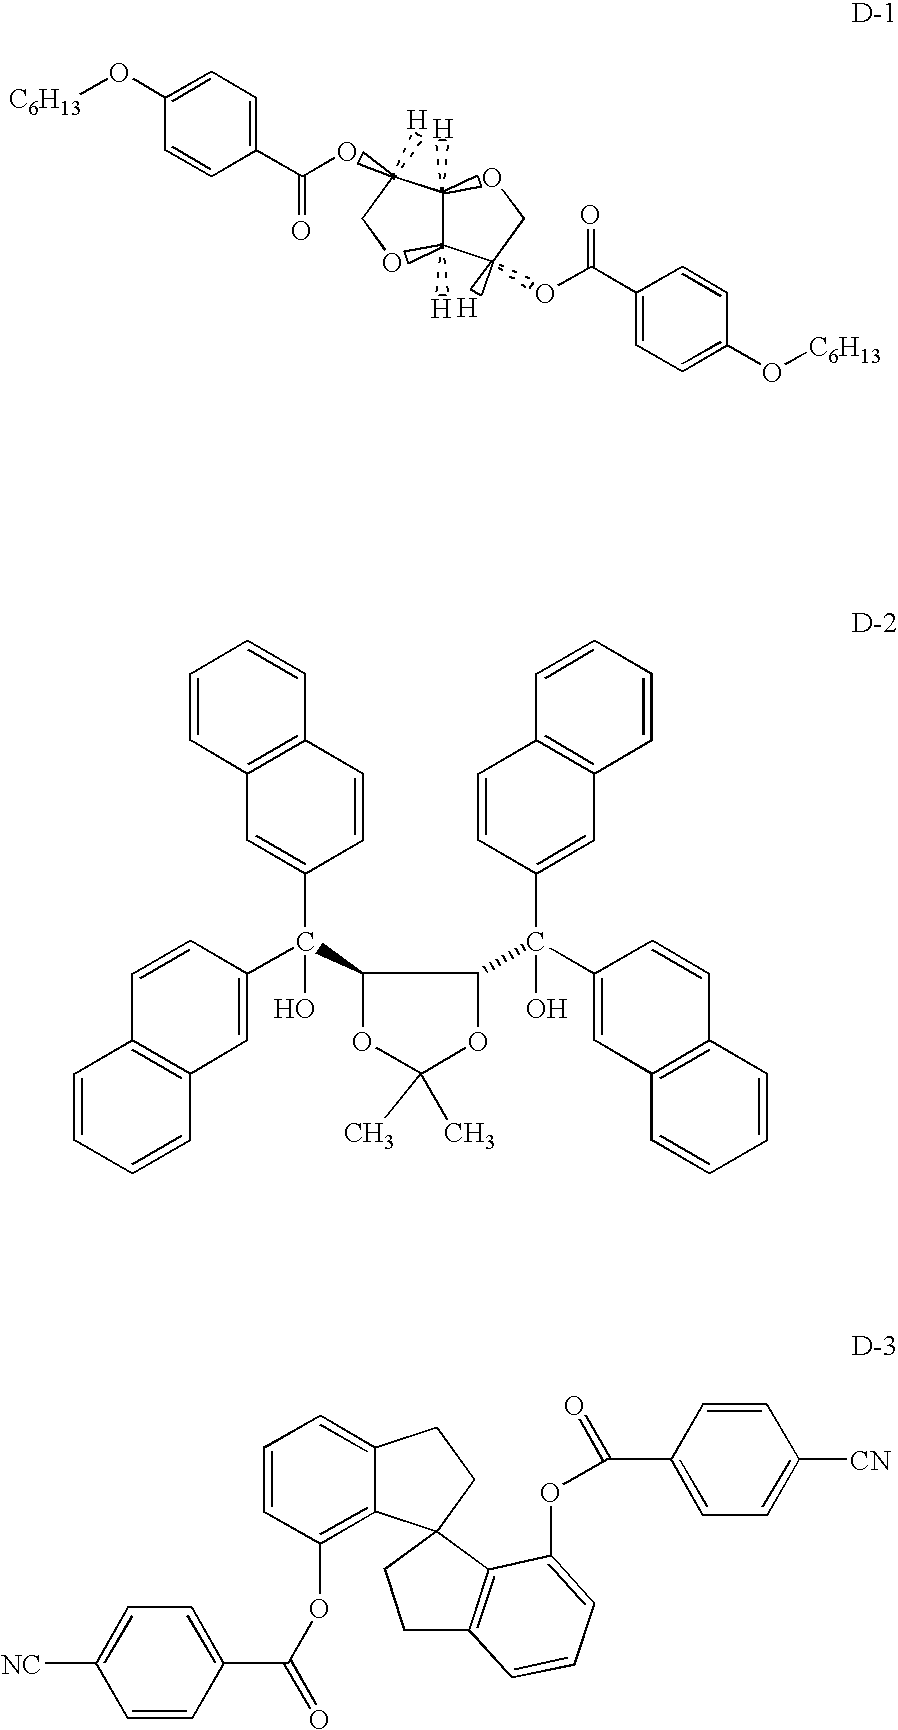 Figure US07781047-20100824-C00002